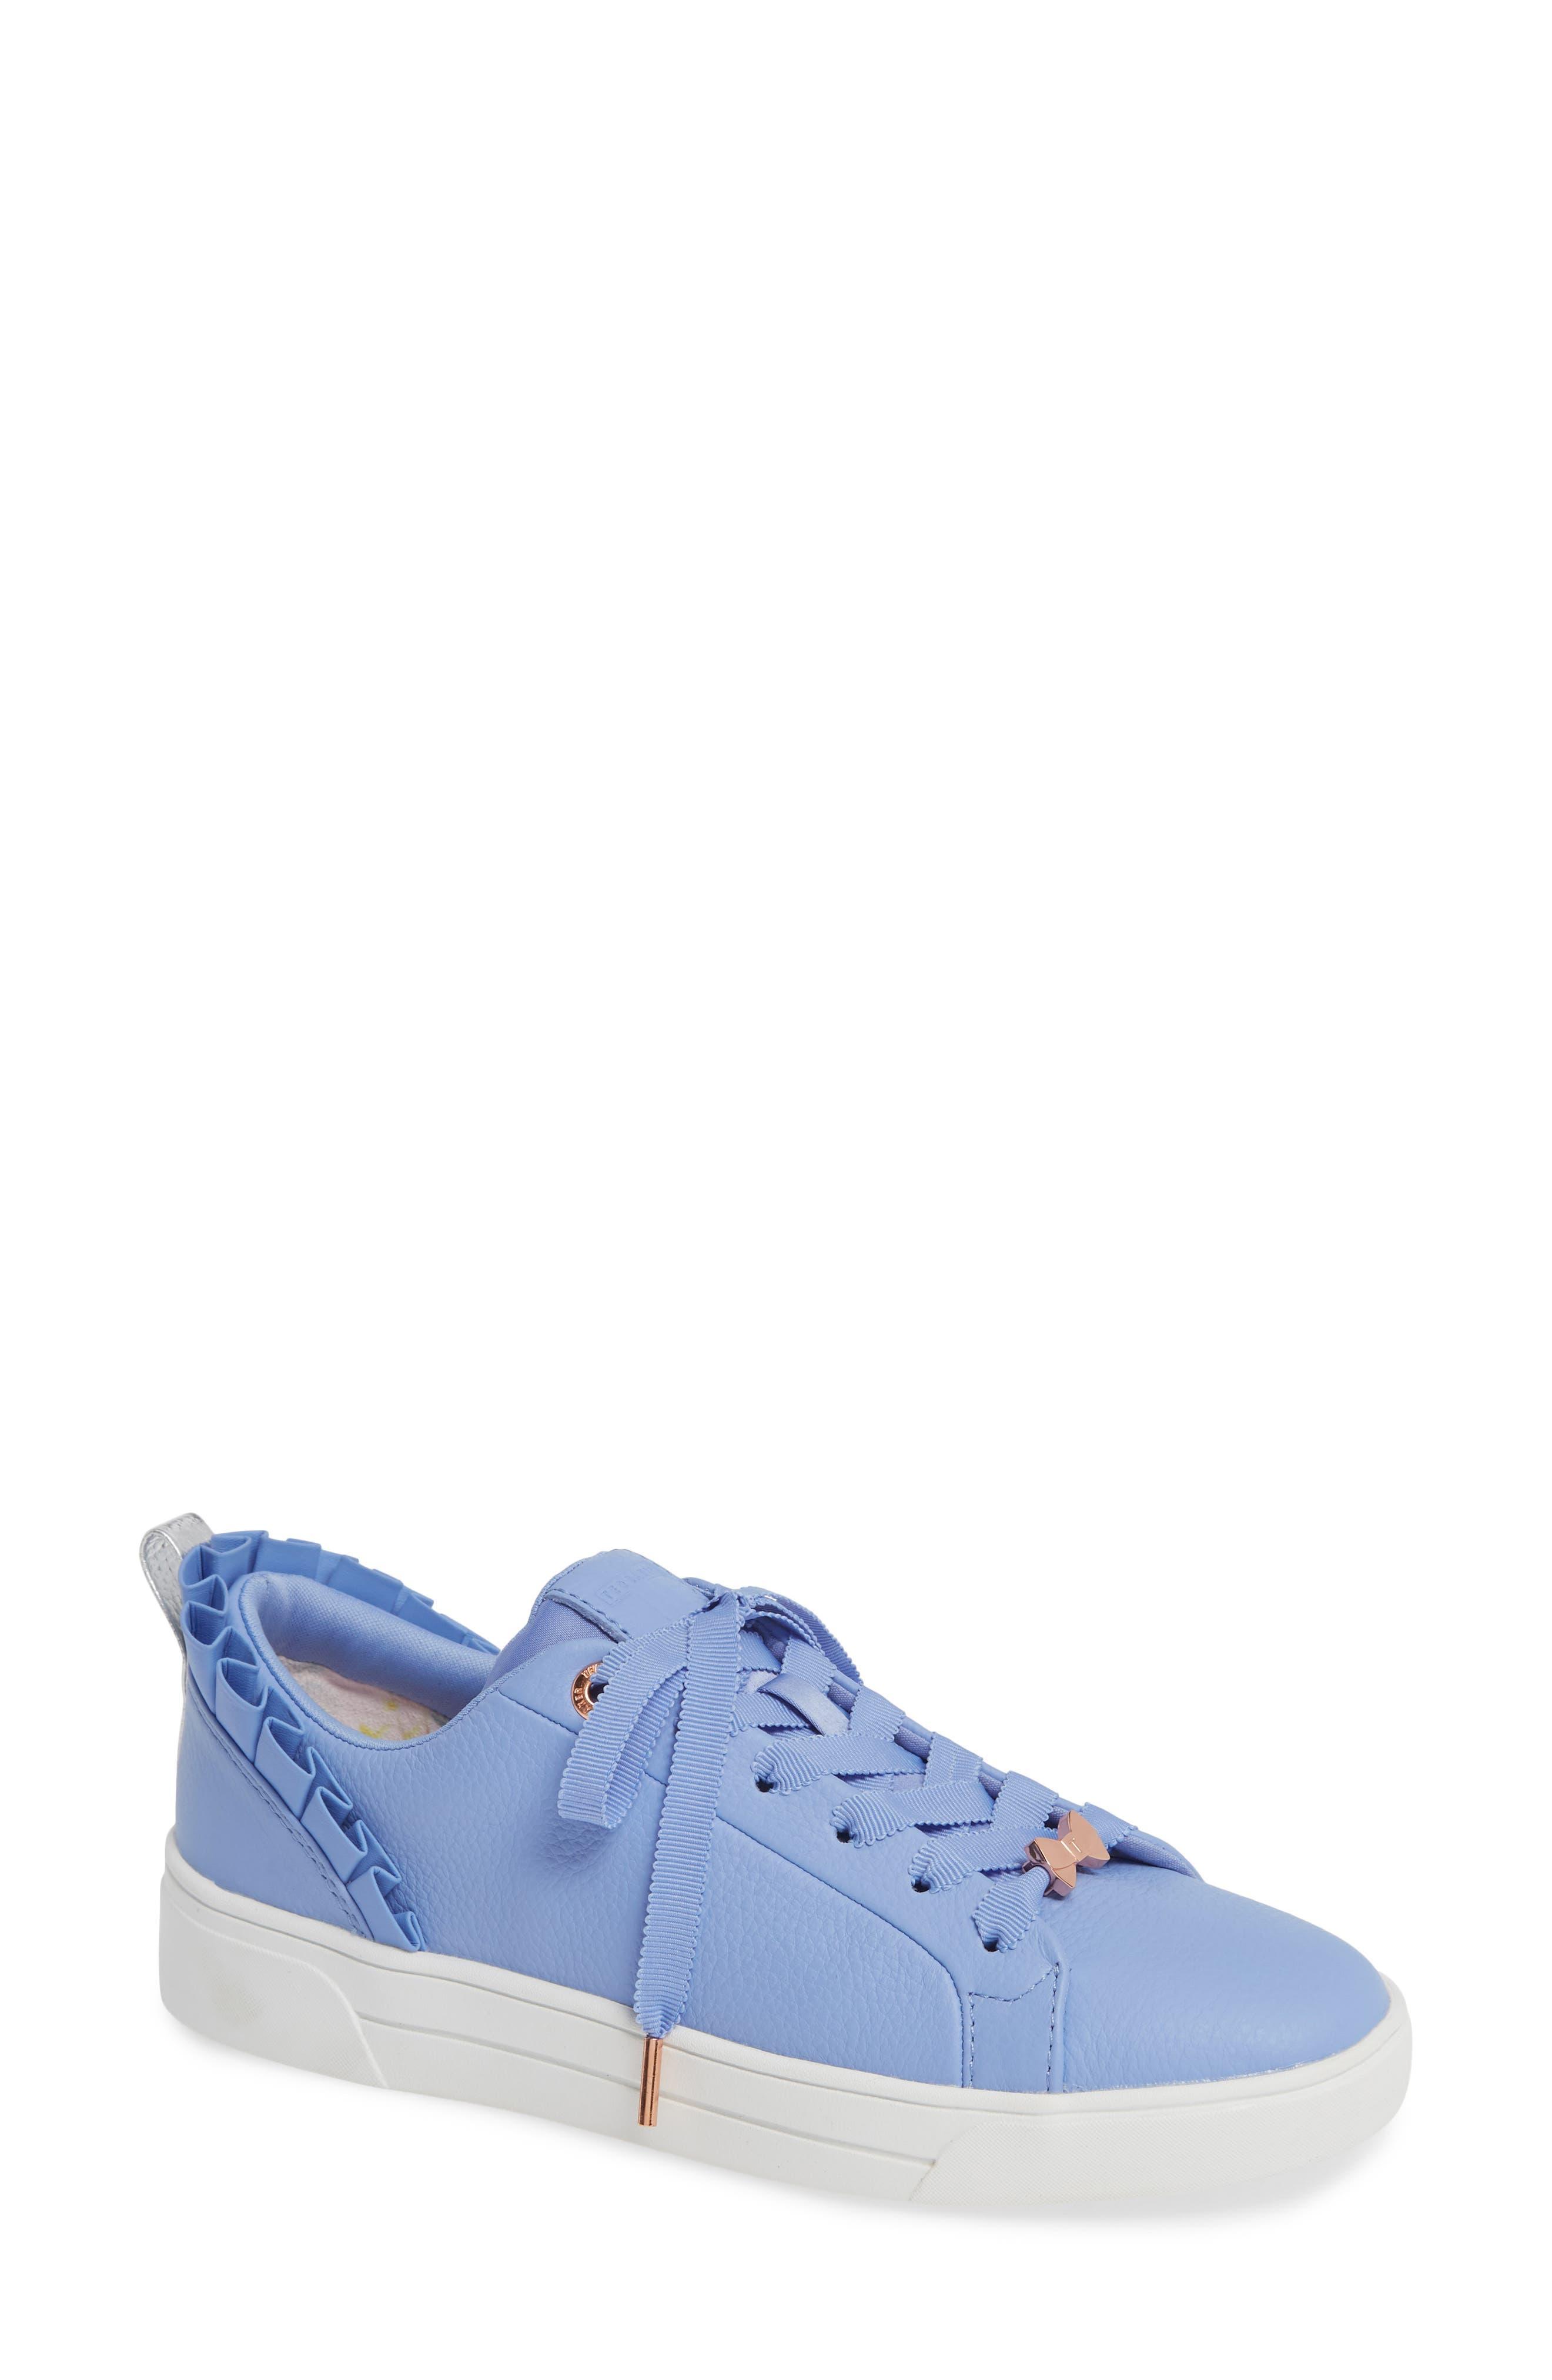 Ted Baker London Astrina Sneaker, Blue